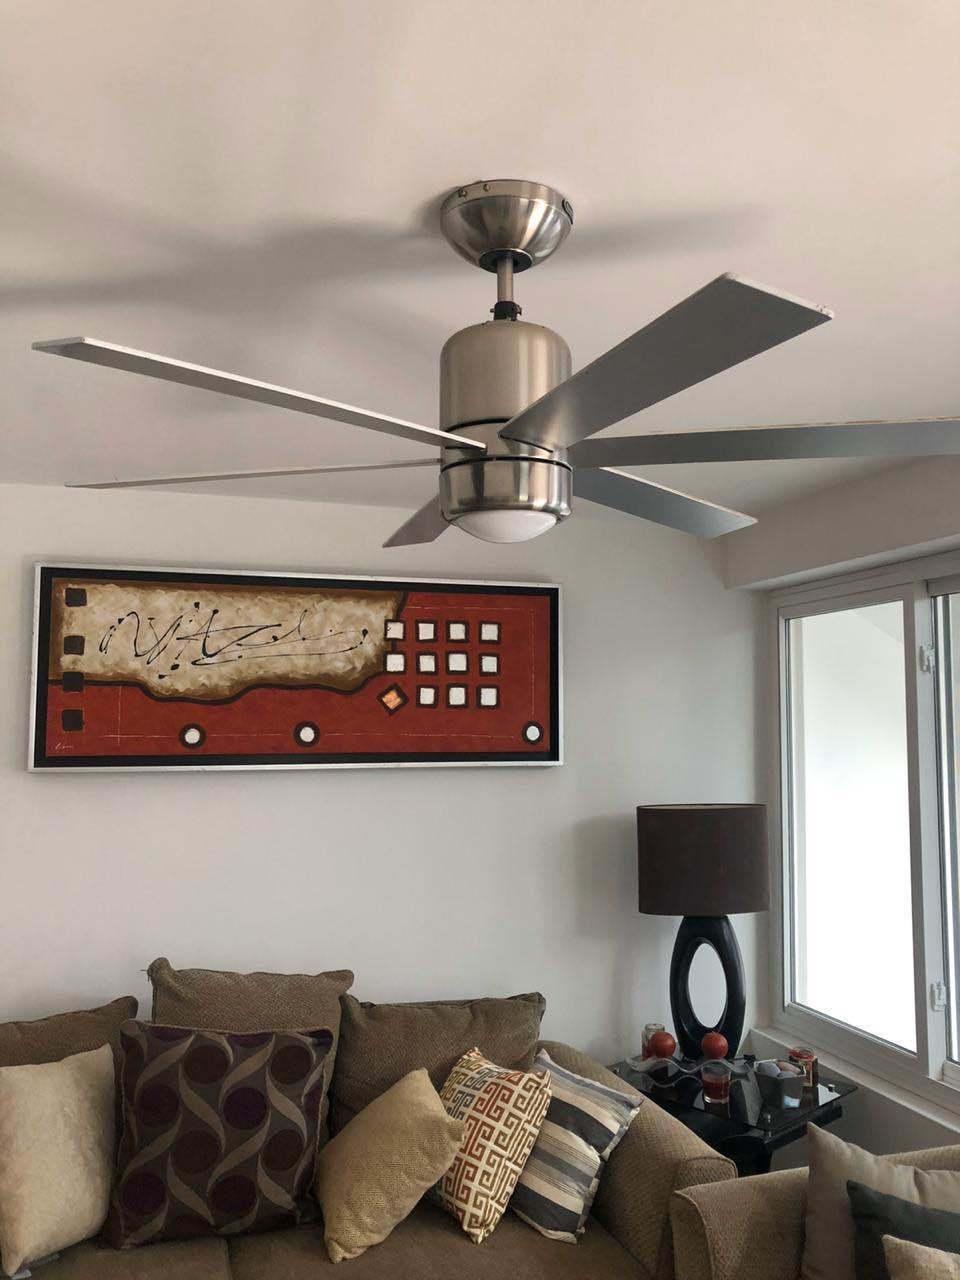 18 de 26: Toda la casa cuenta con ventiladores de techo.